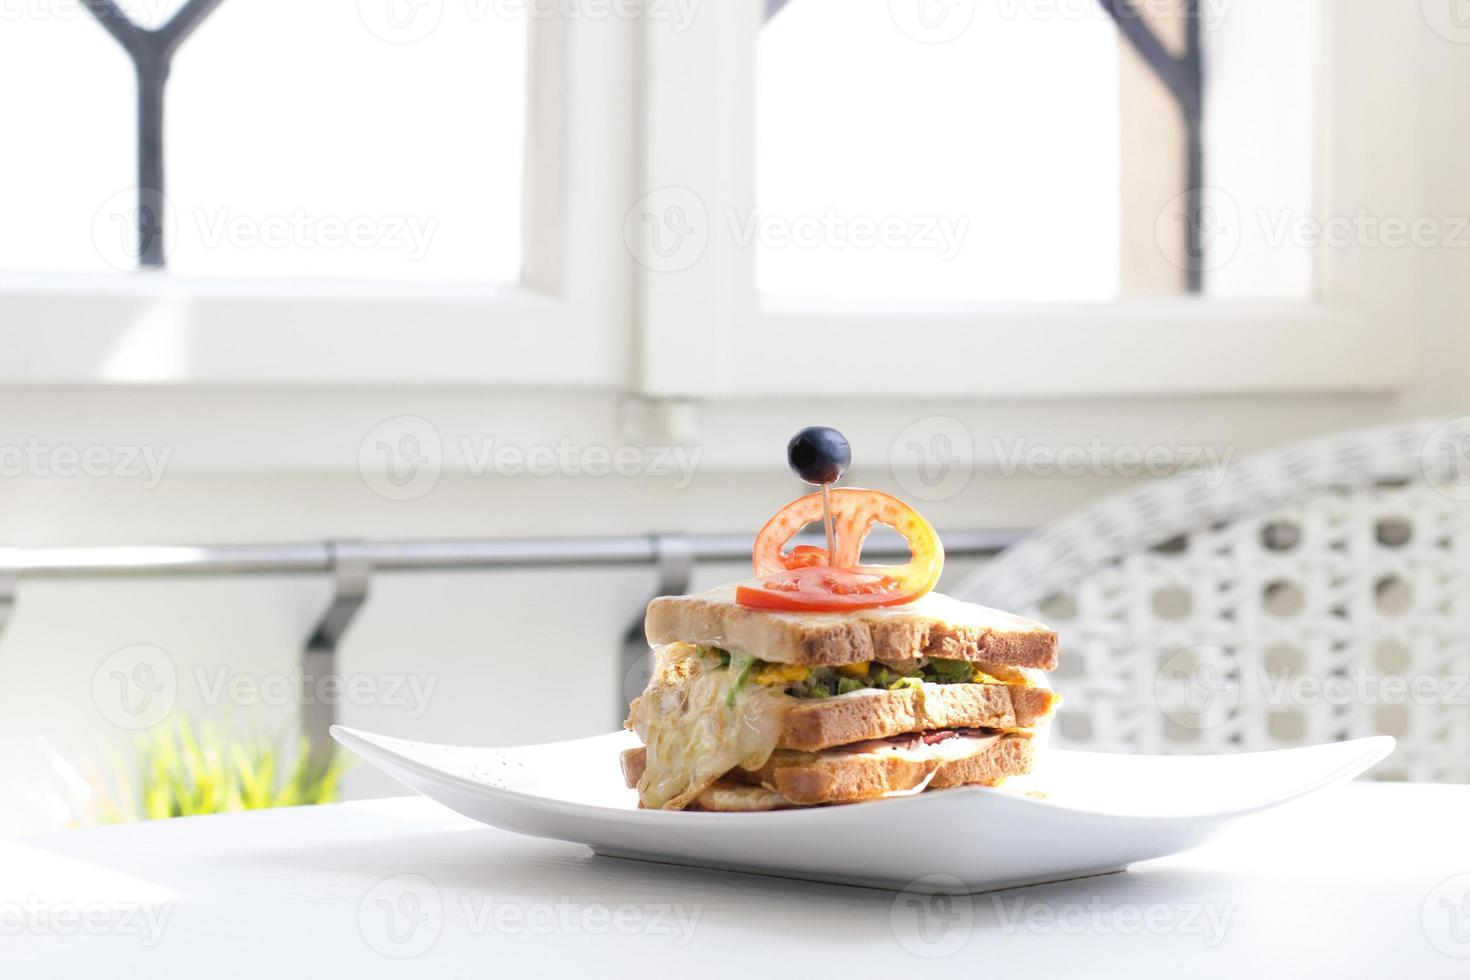 Sandwich auf Teller - Archivbild foto